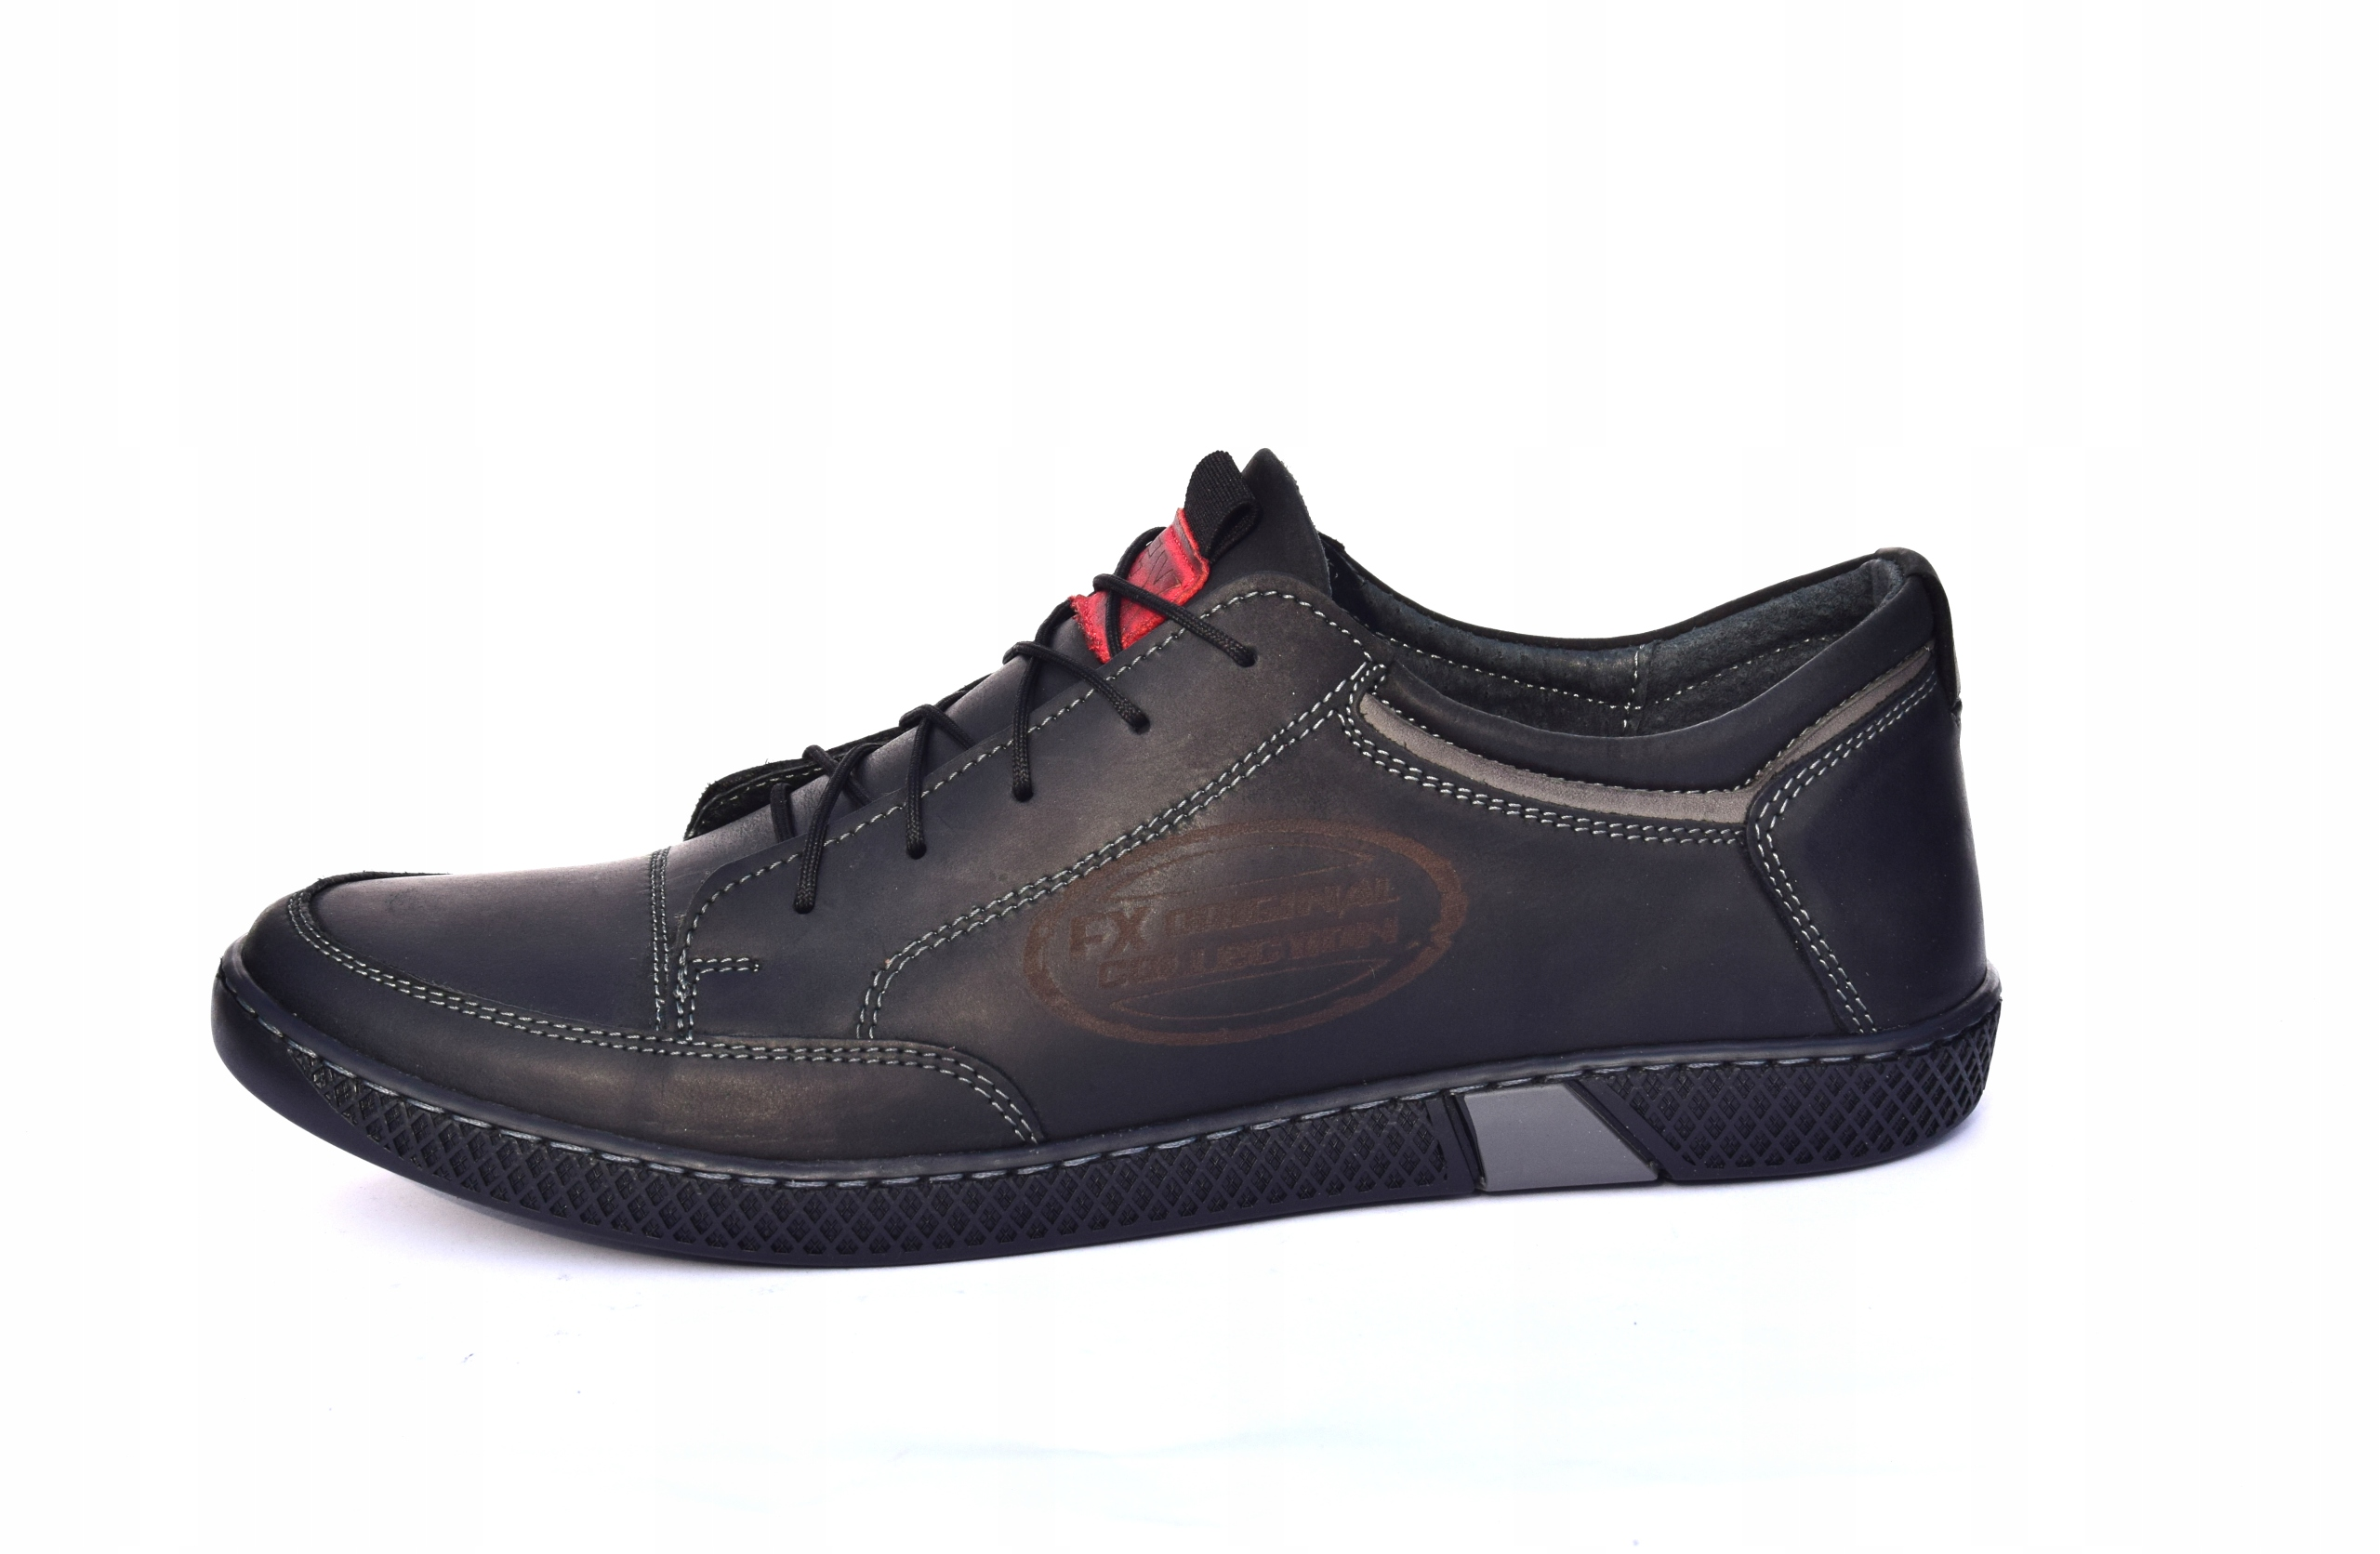 Półbuty sznurowane skórzane obuwie polskie 0447 Marka inna